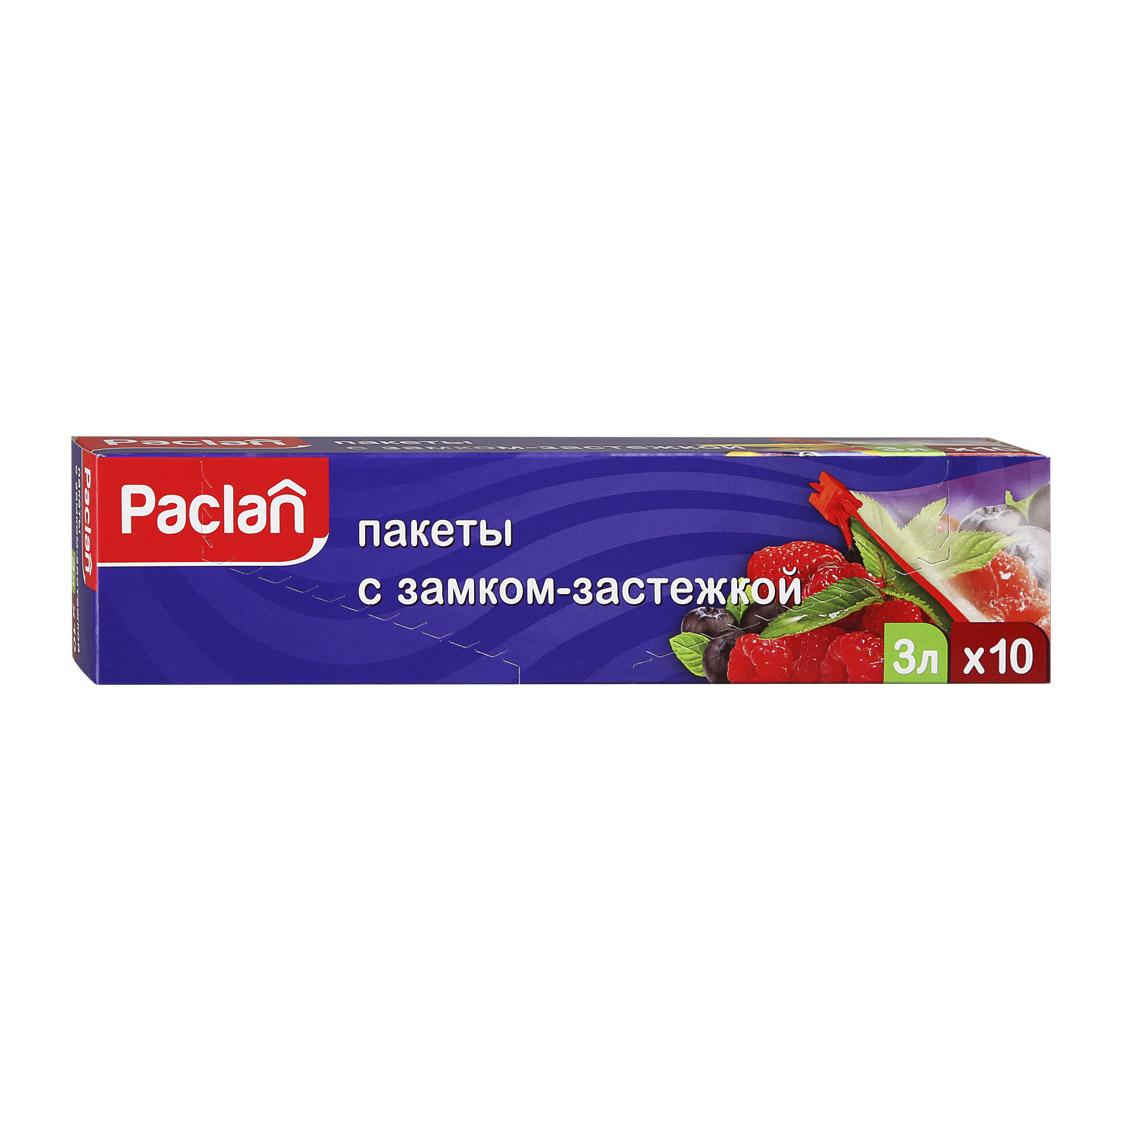 Пакеты Paclan с замком-застежкой 27х28см 3 л 10 шт.